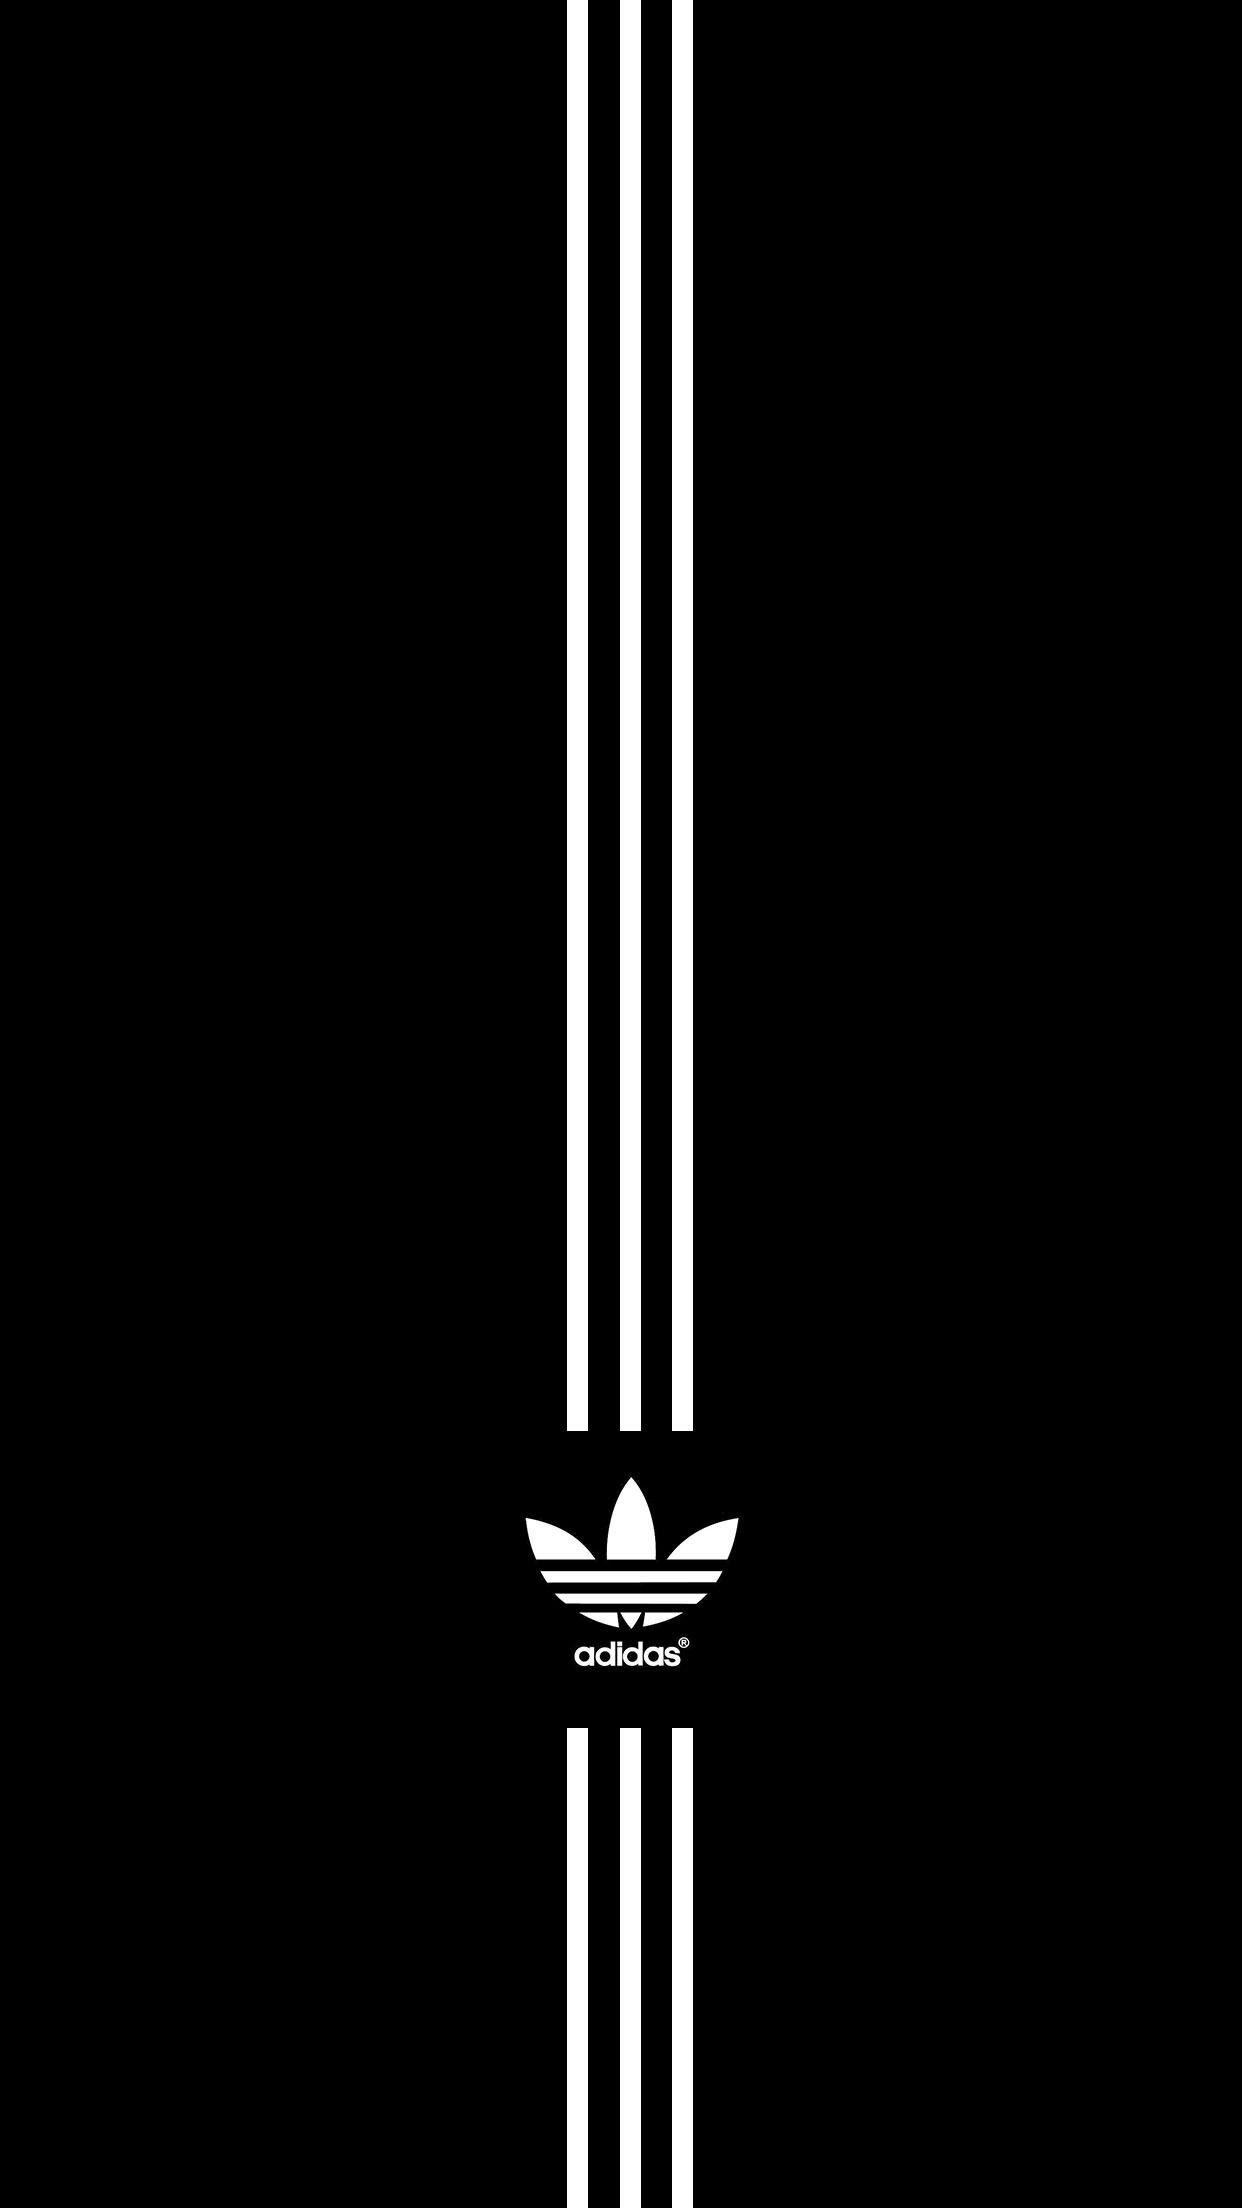 Adidas Originals Logo Wallpaper 57 Images Iphone 用壁紙